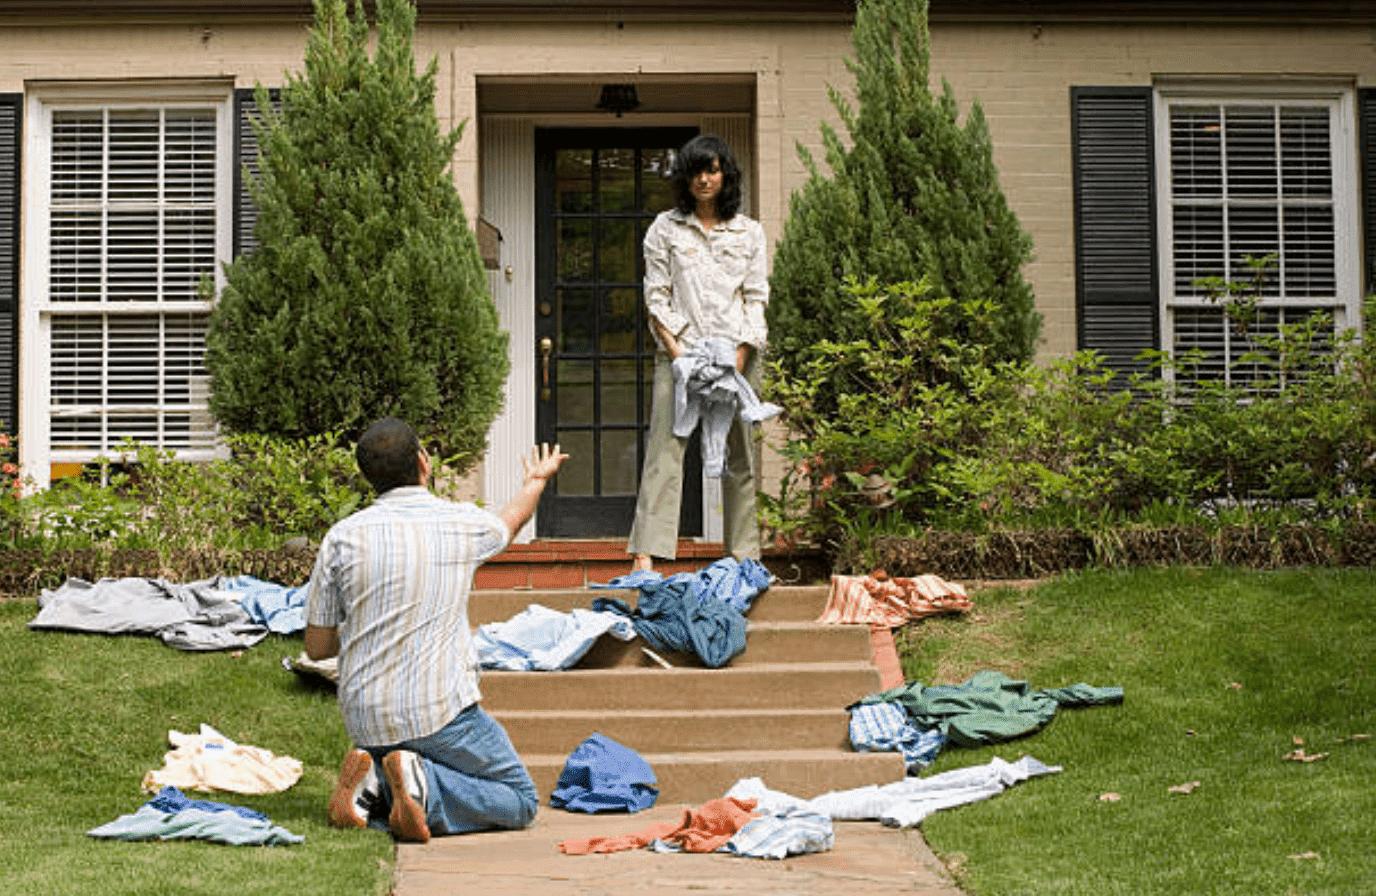 Esposa enojada echando a su marido de la casa. | IMagen: Getty Images